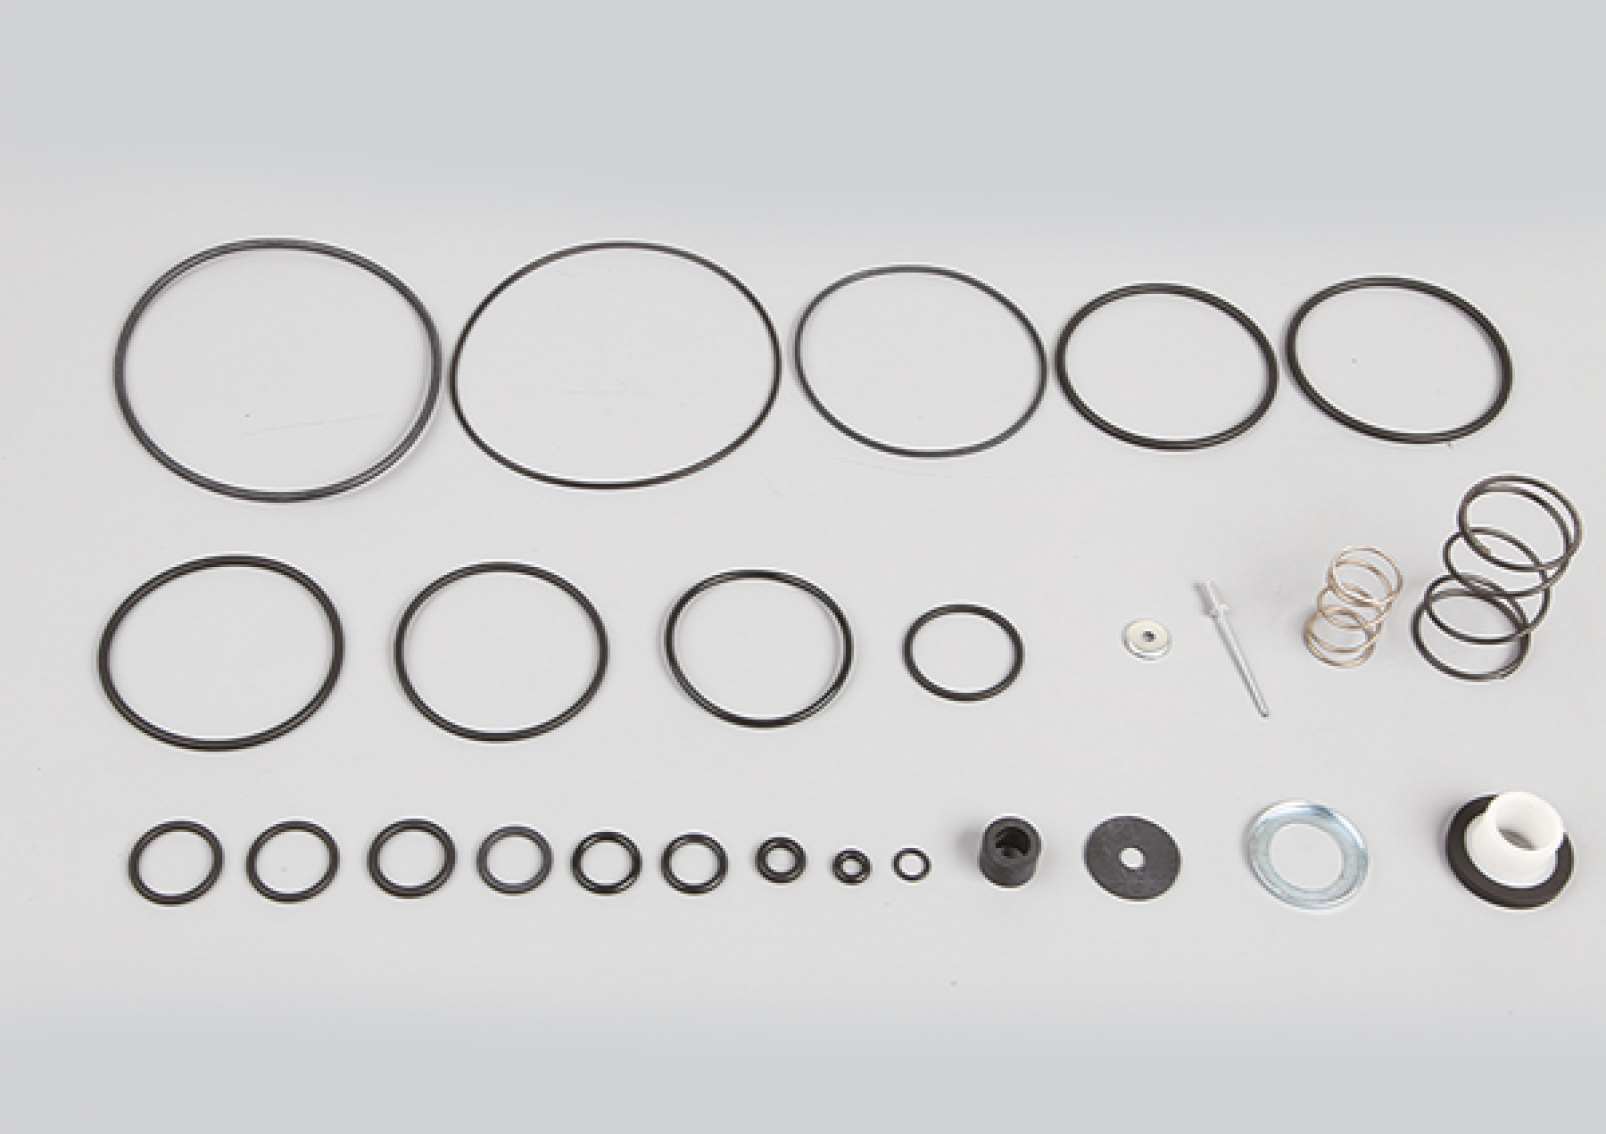 Trailer Control Valve Repair Kit, 1 487 010 257